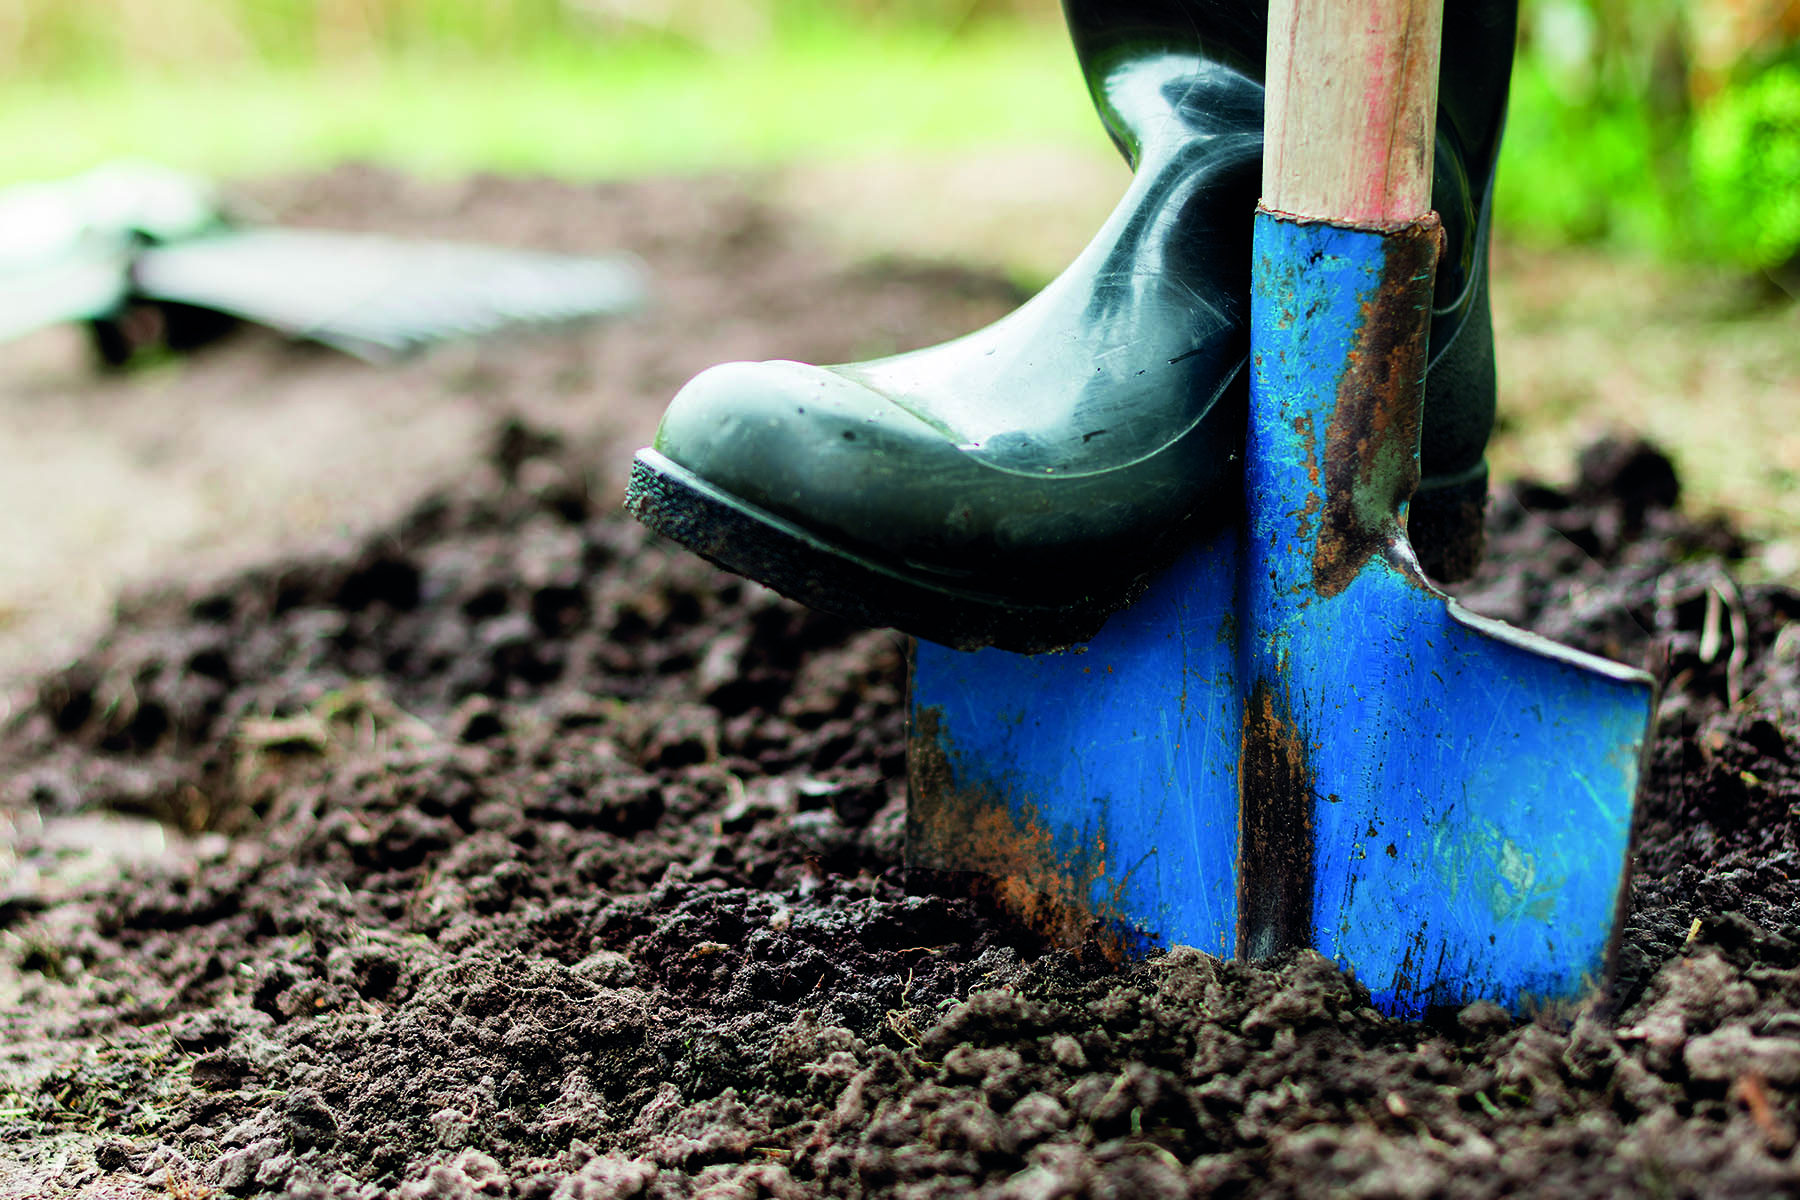 En stövelbeklädd fot som trampar ner en spade i jorden